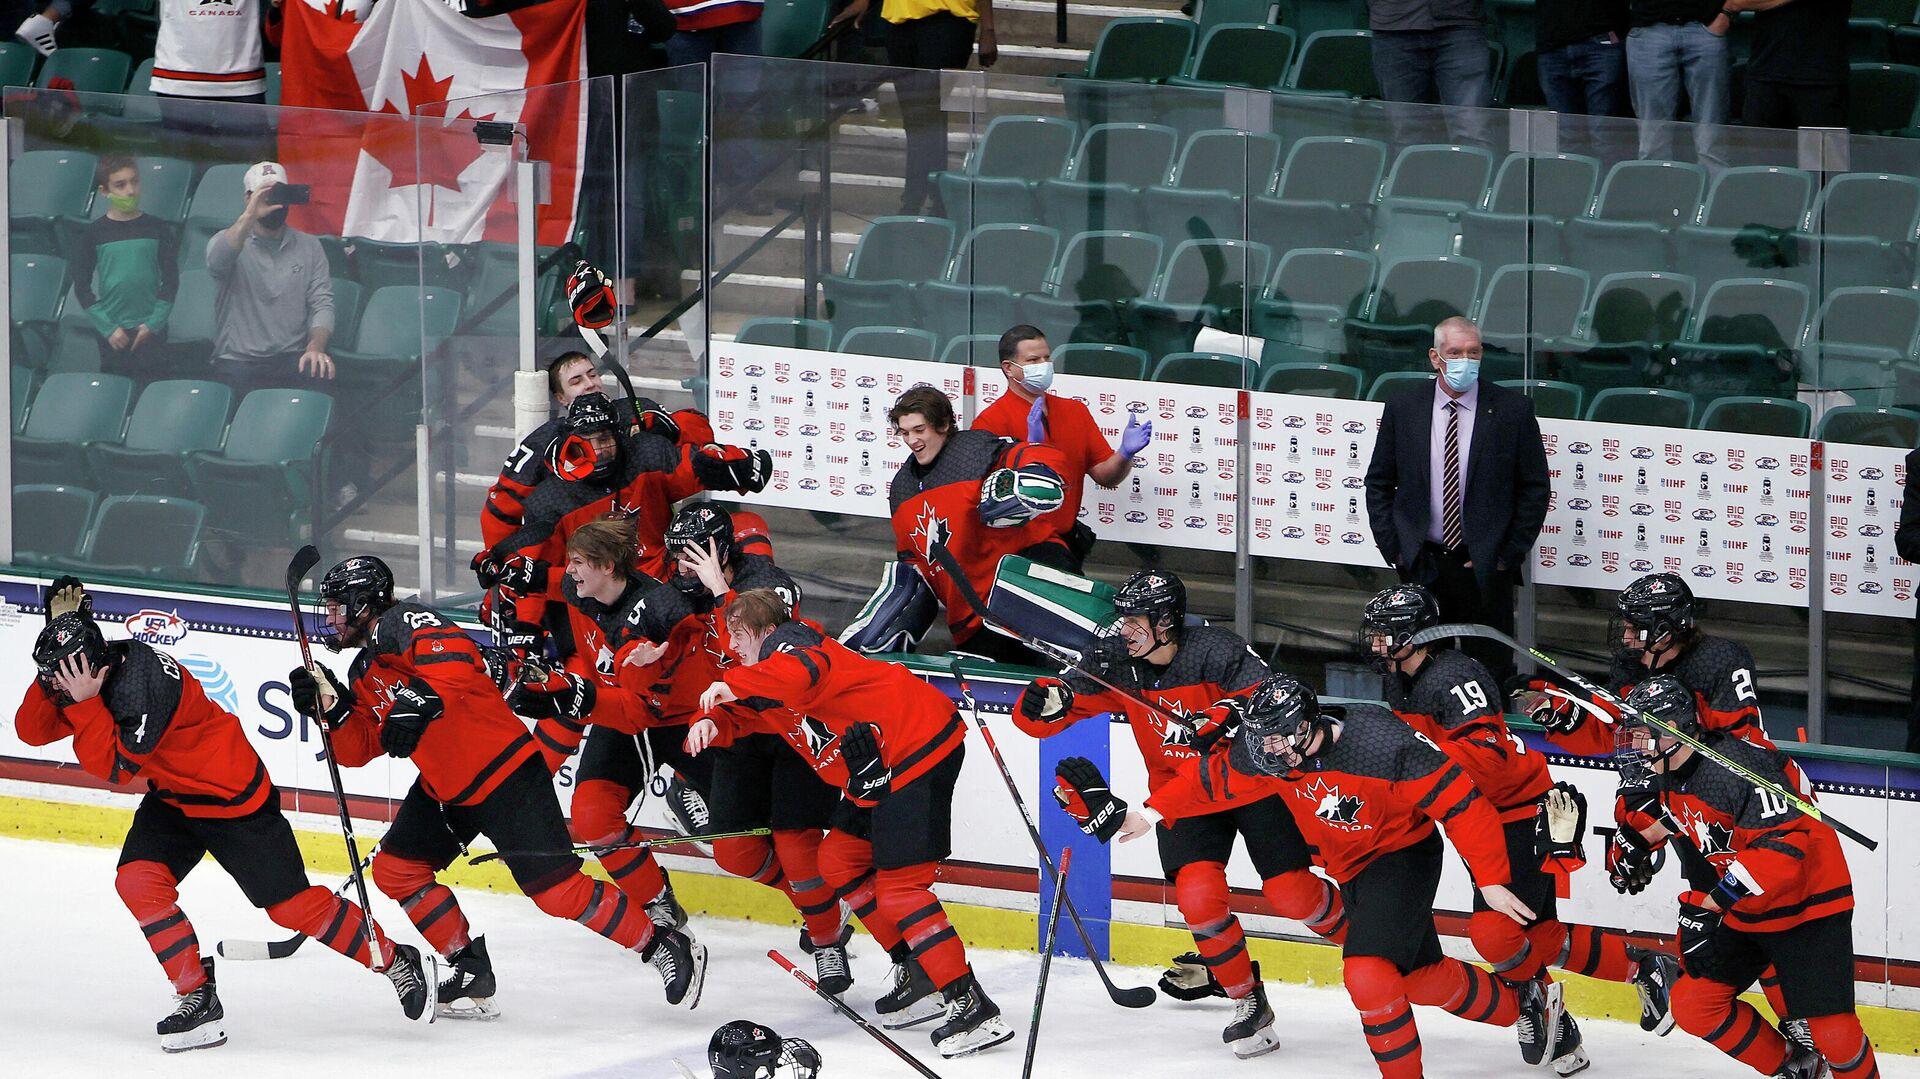 Хоккеисты юниорской сборной Канады празднуют победу на чемпионате мира - РИА Новости, 1920, 07.05.2021